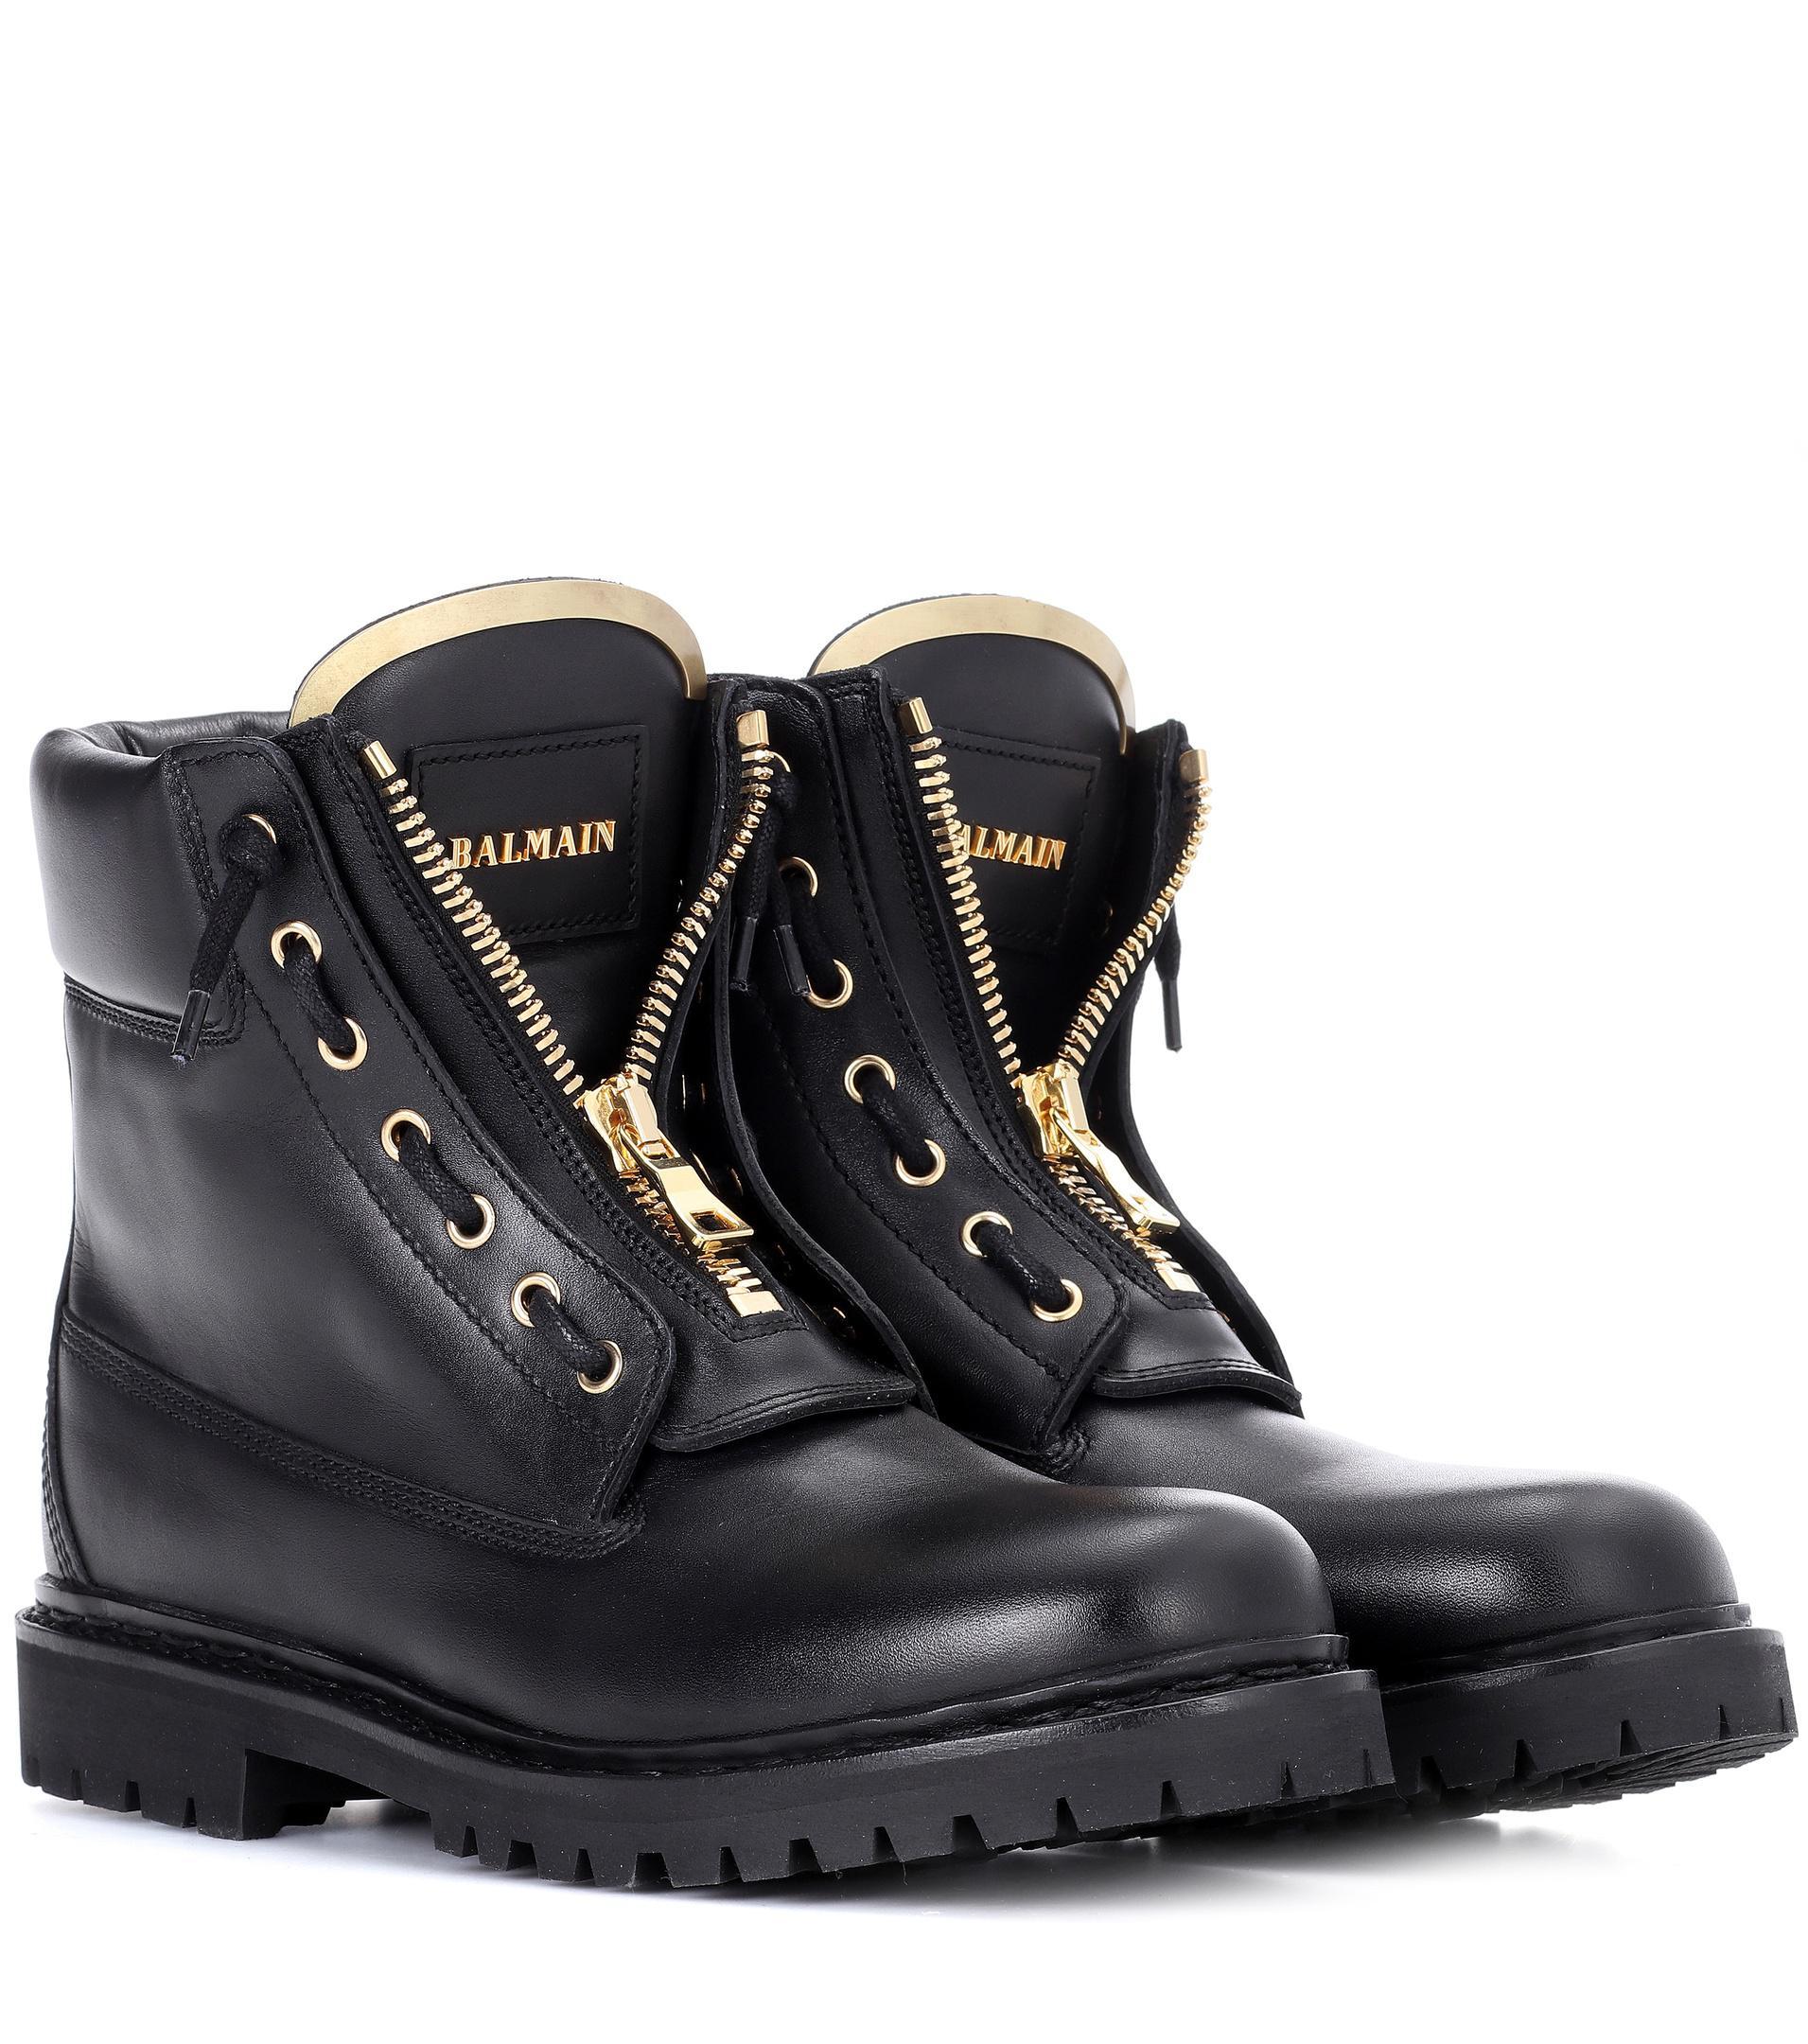 Nicekicks Pas Cher En Ligne Style De Mode Rabais Balmain Boots à Lacets Sortie Combien lpjzsbmB